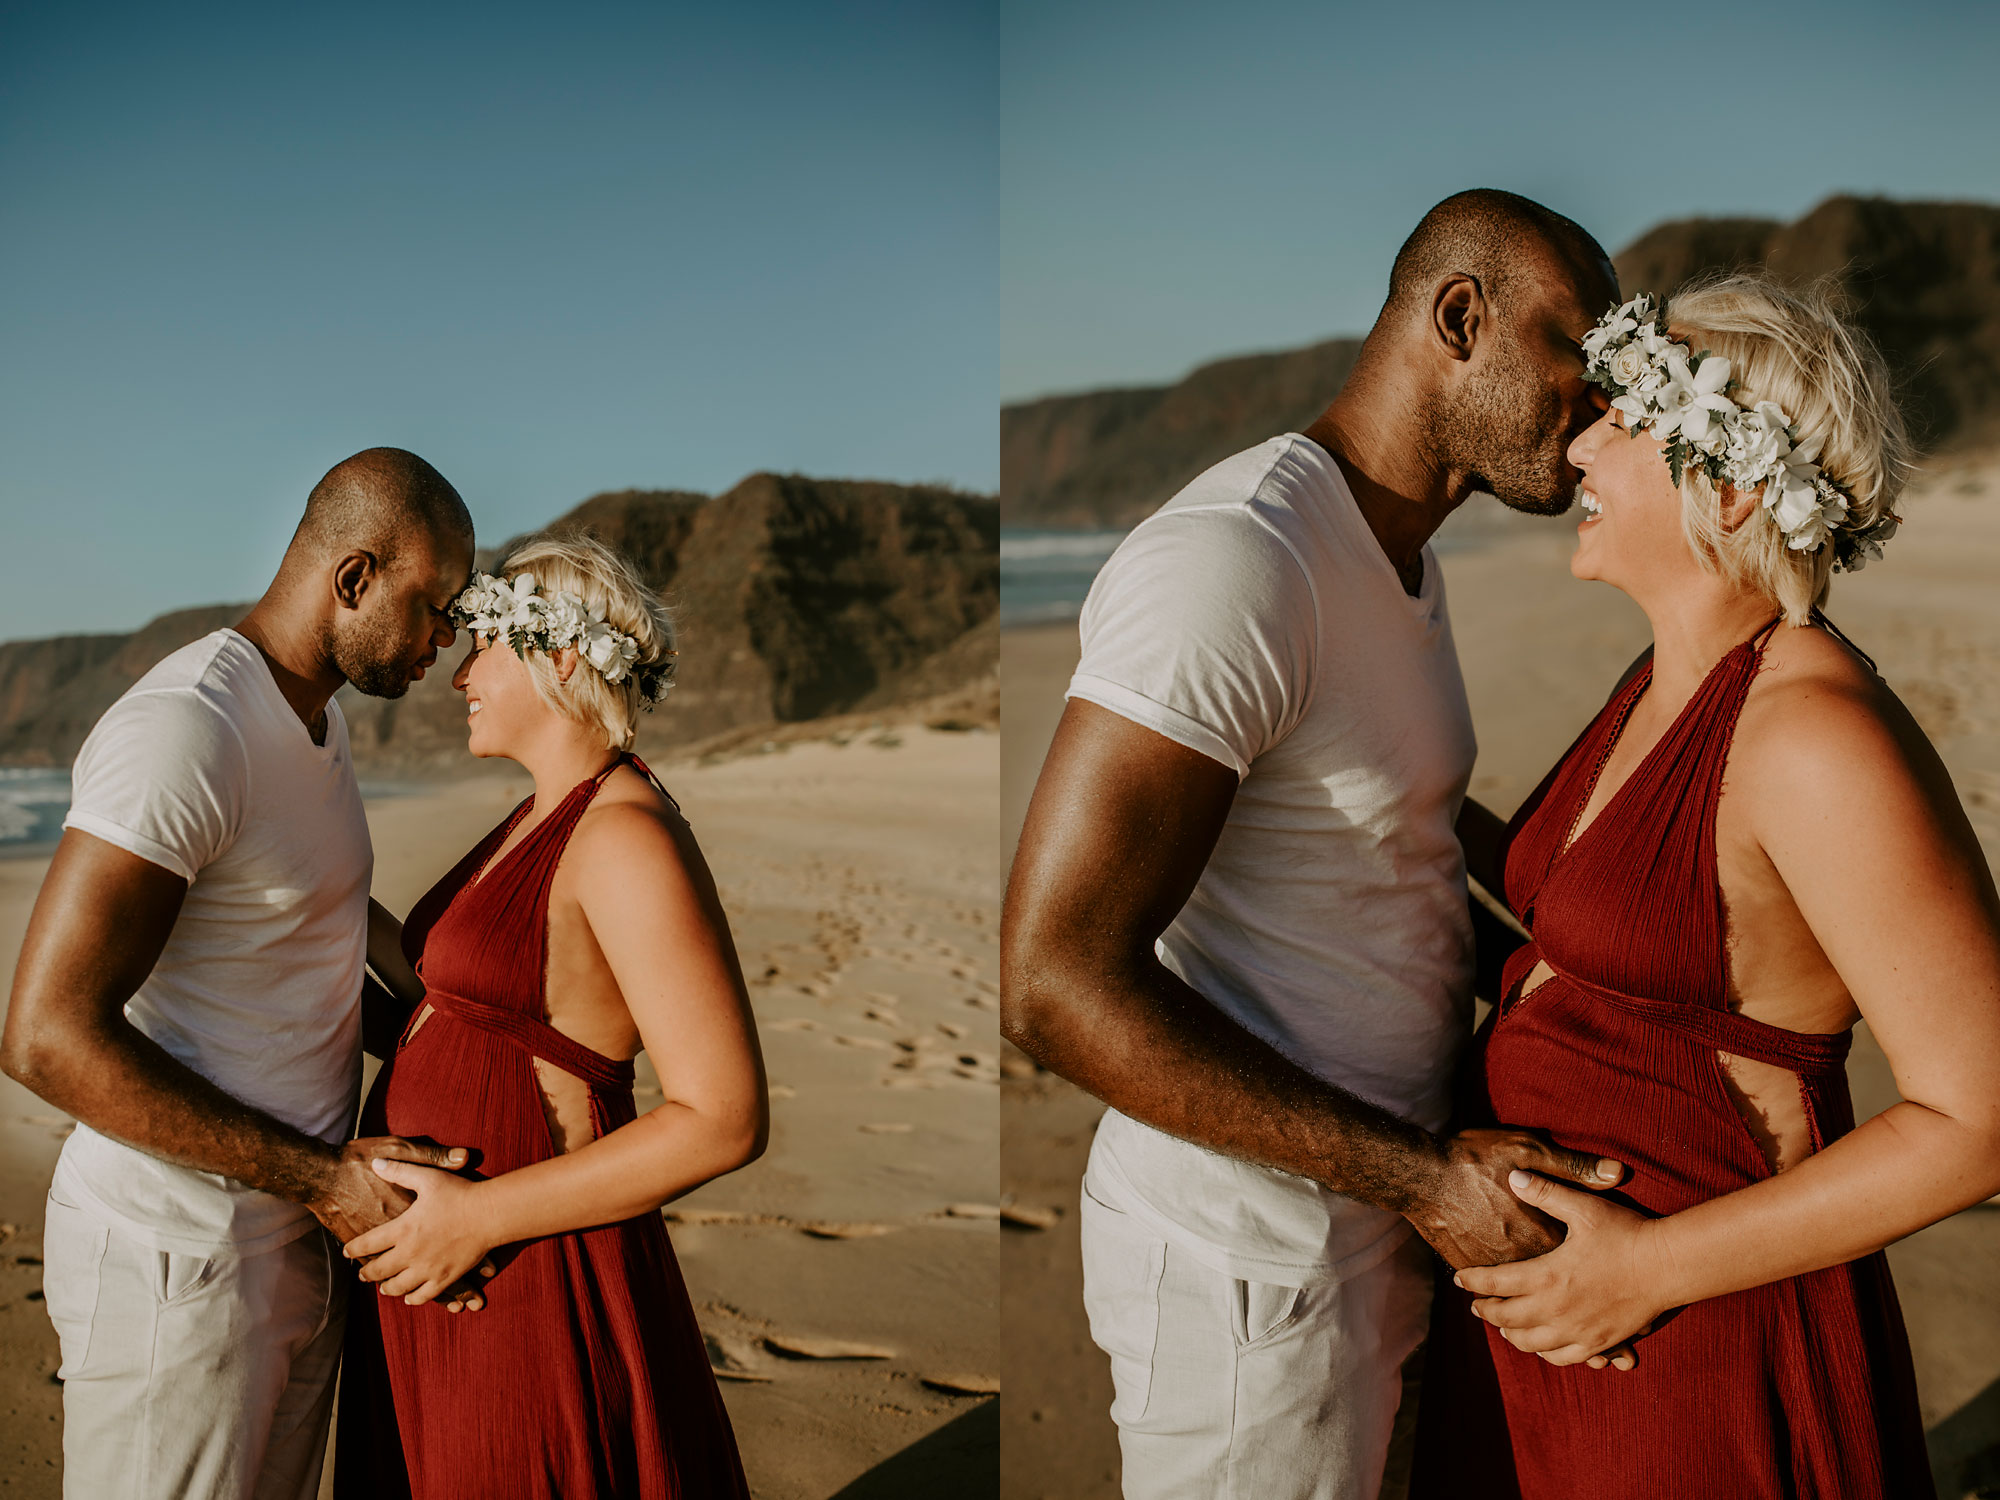 Kauai-Maternity-Photographer-05.jpg